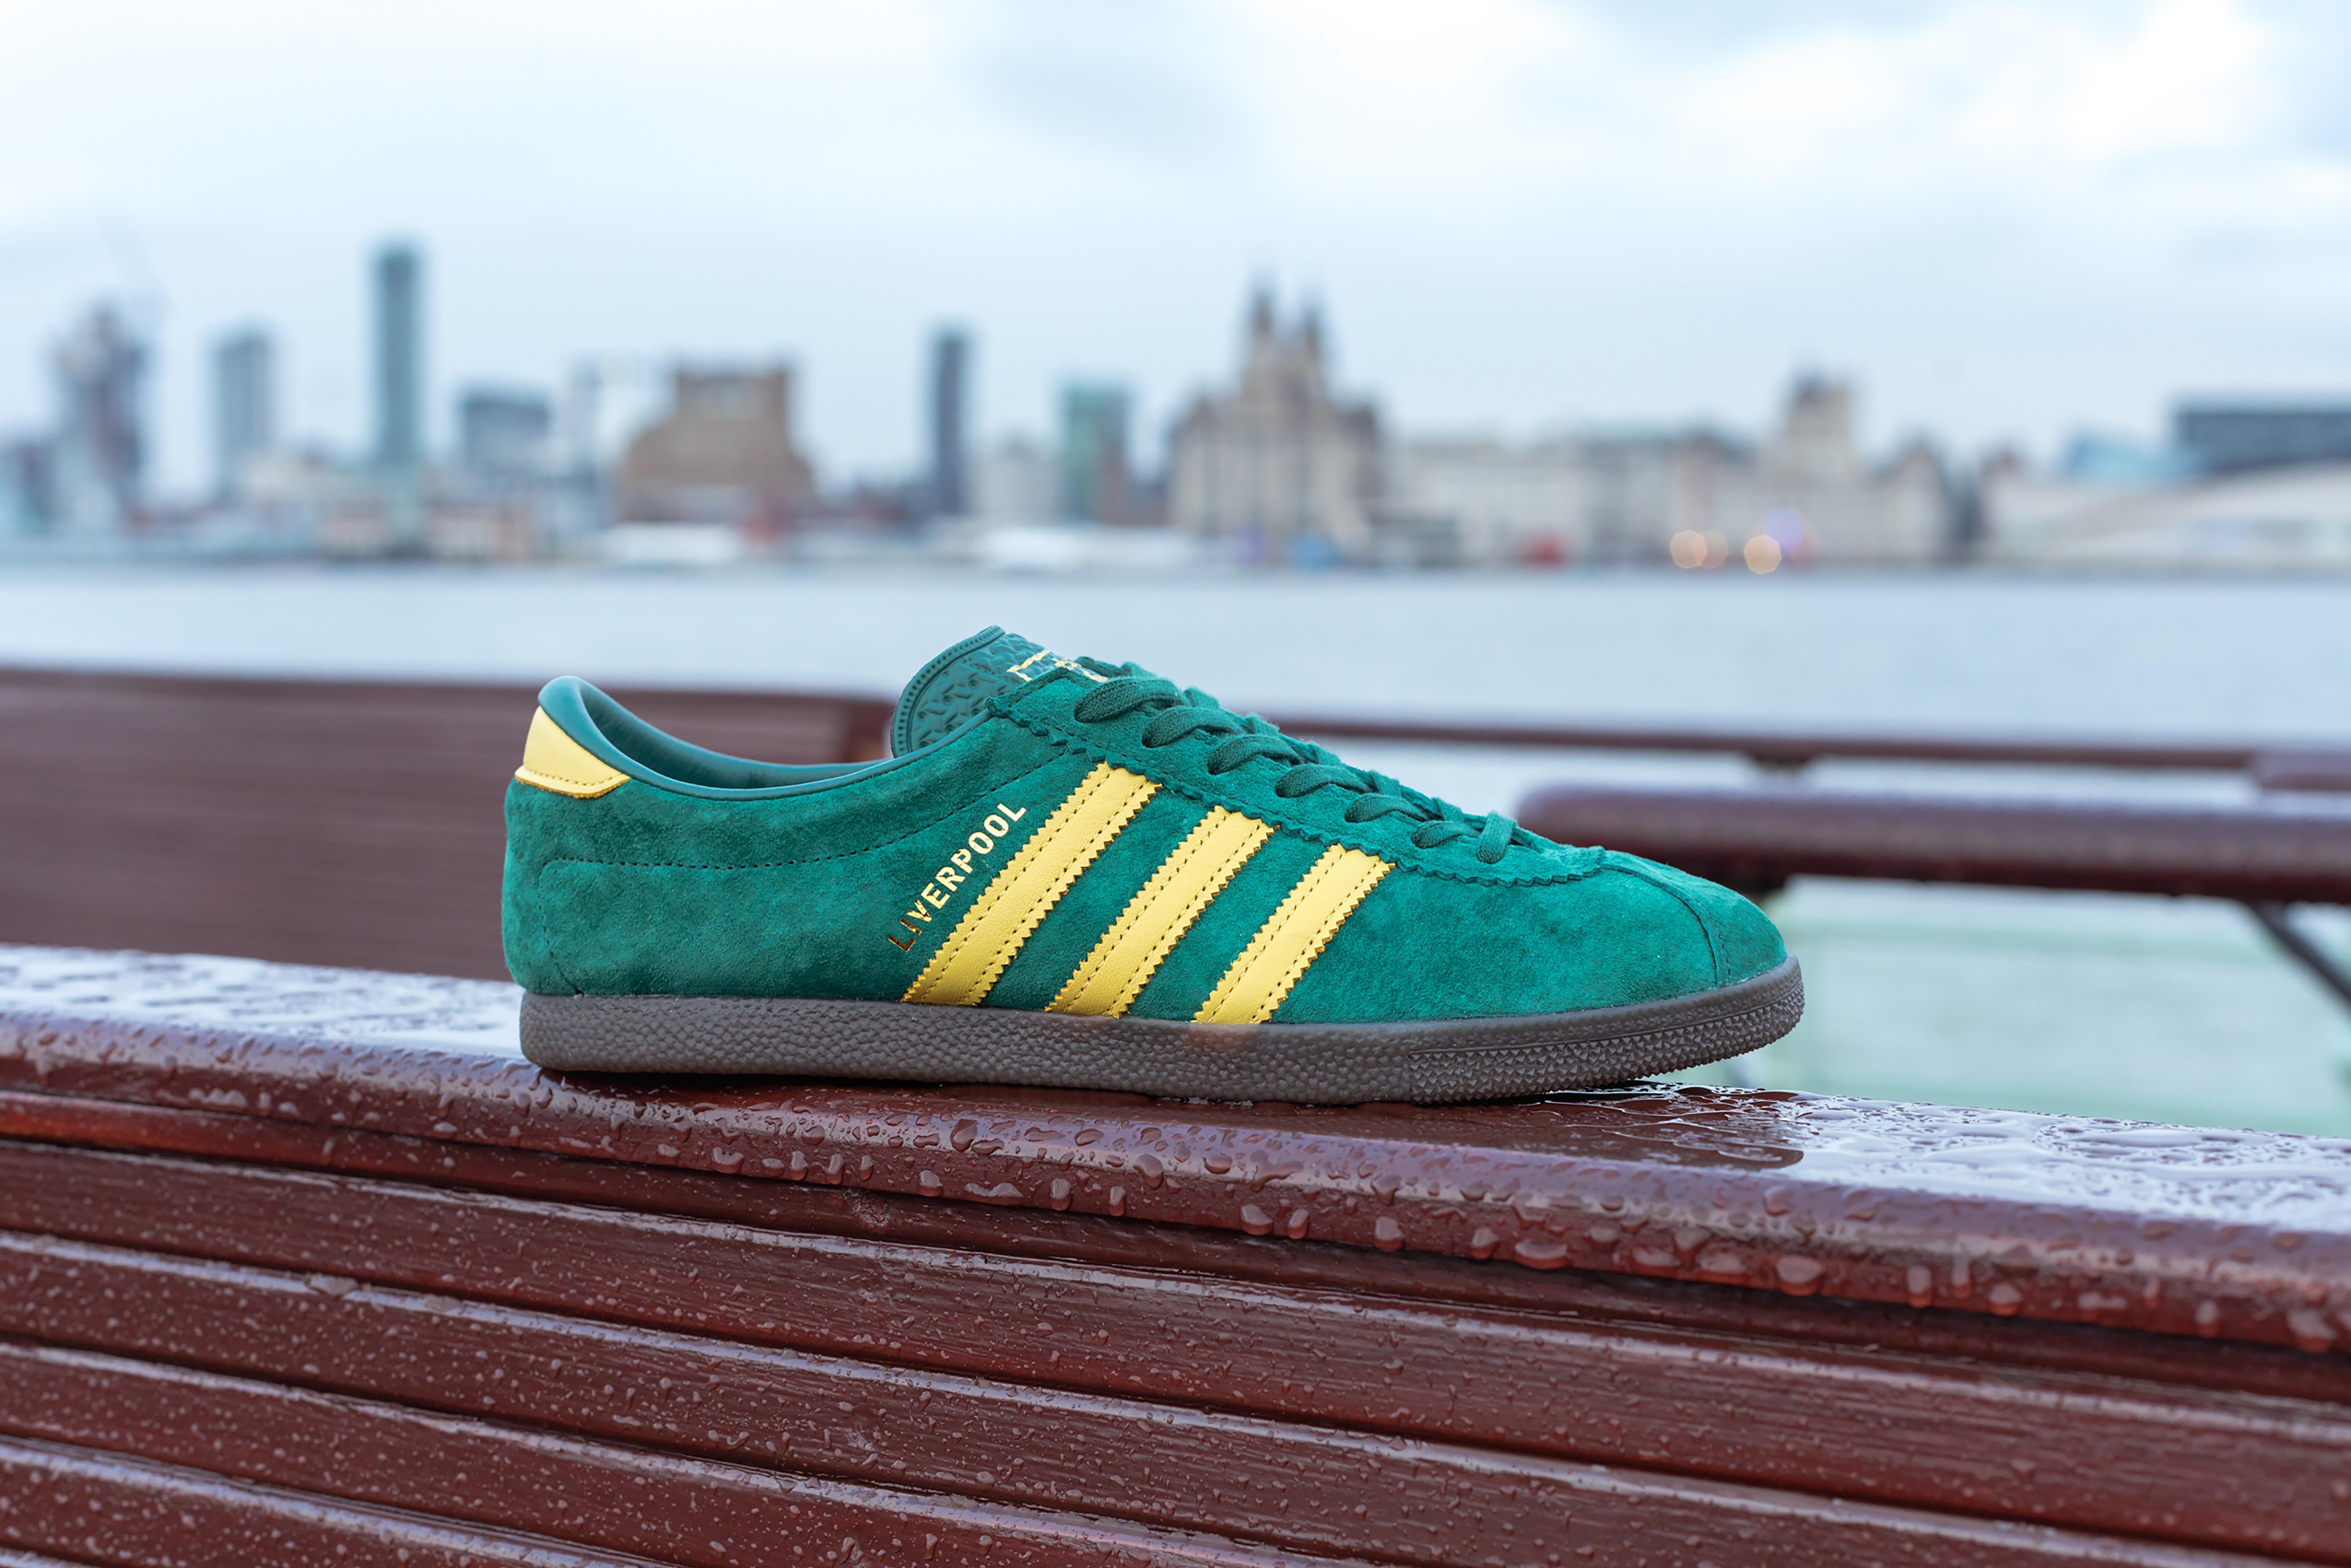 adidas Originals Liverpool Anniversary Series